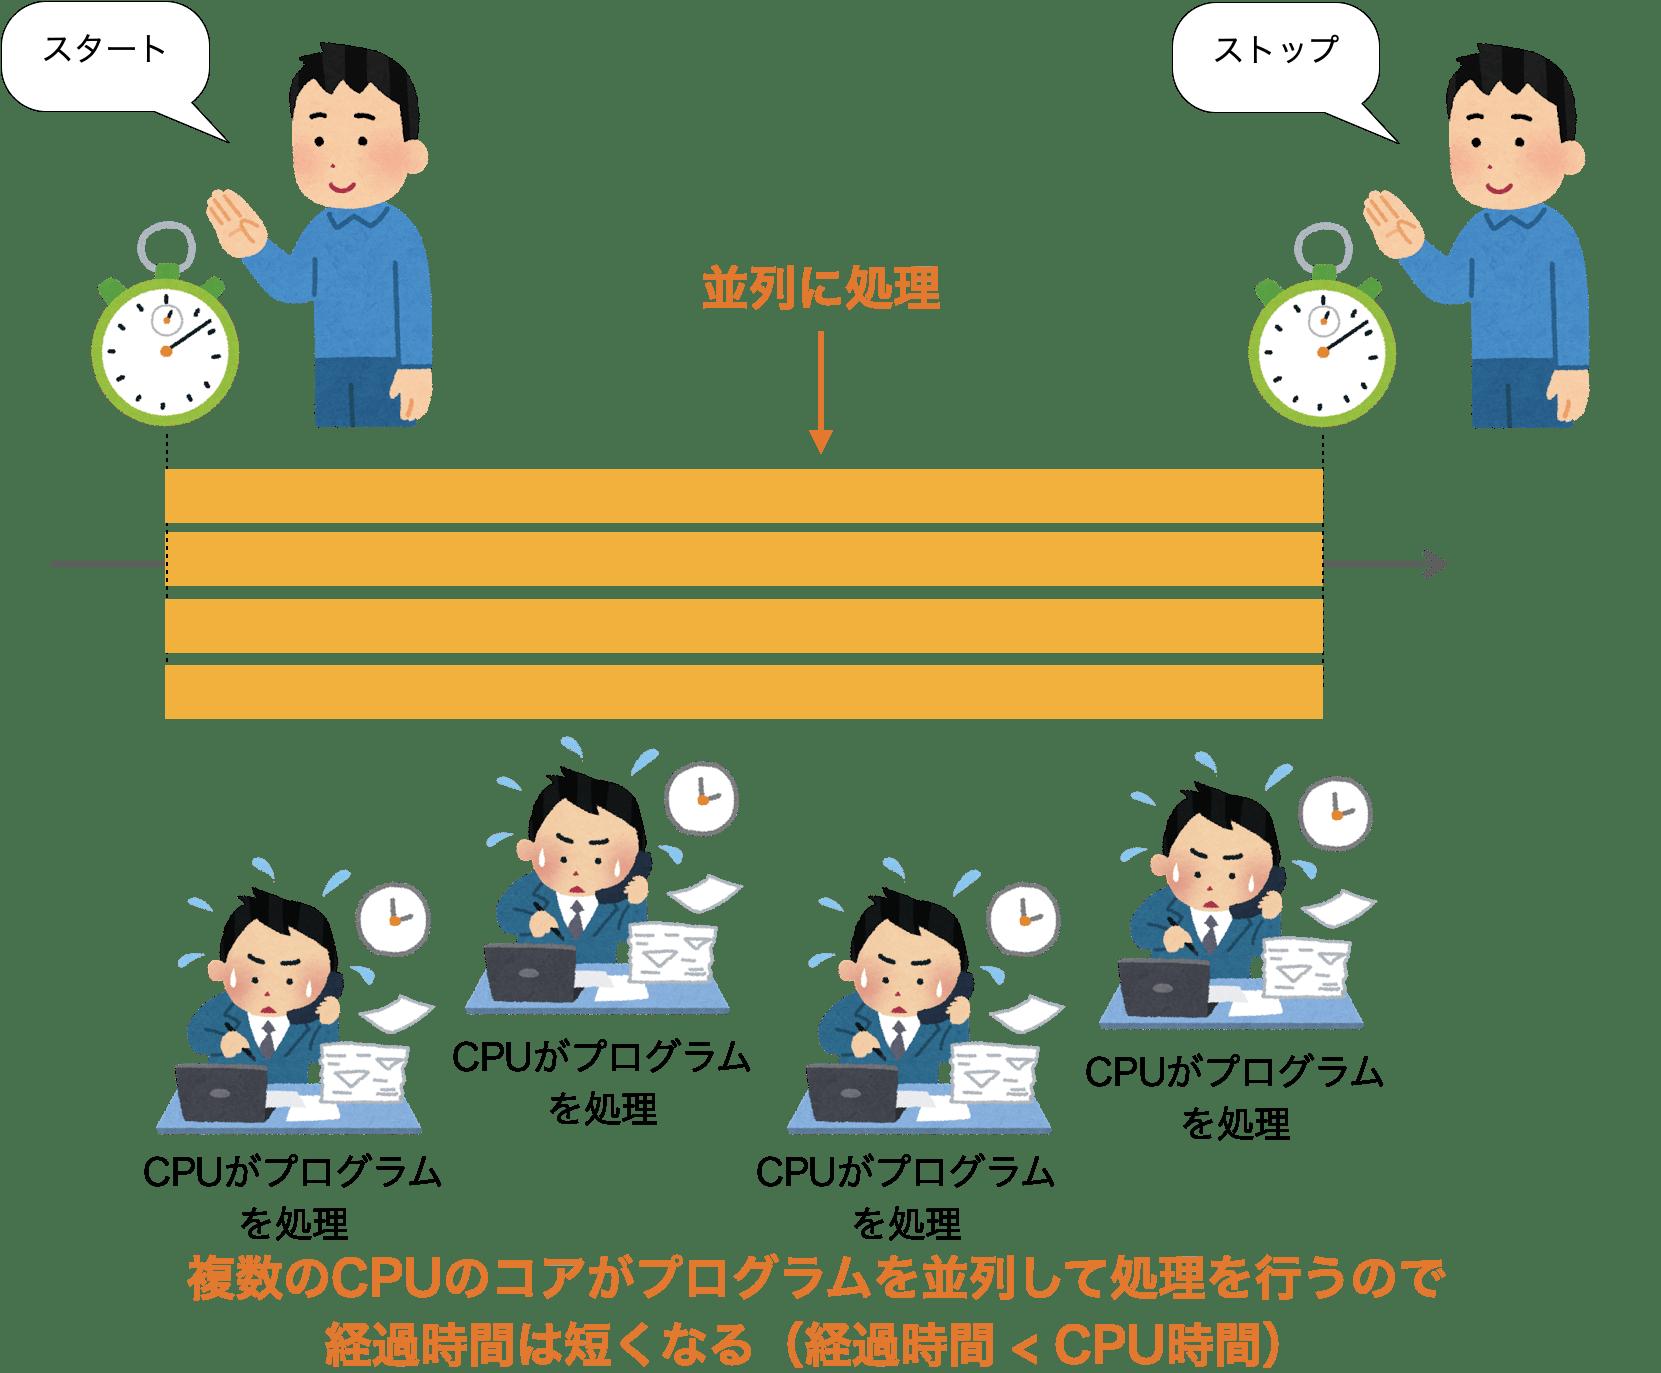 マルチスレッド 処理時の処理時間計測